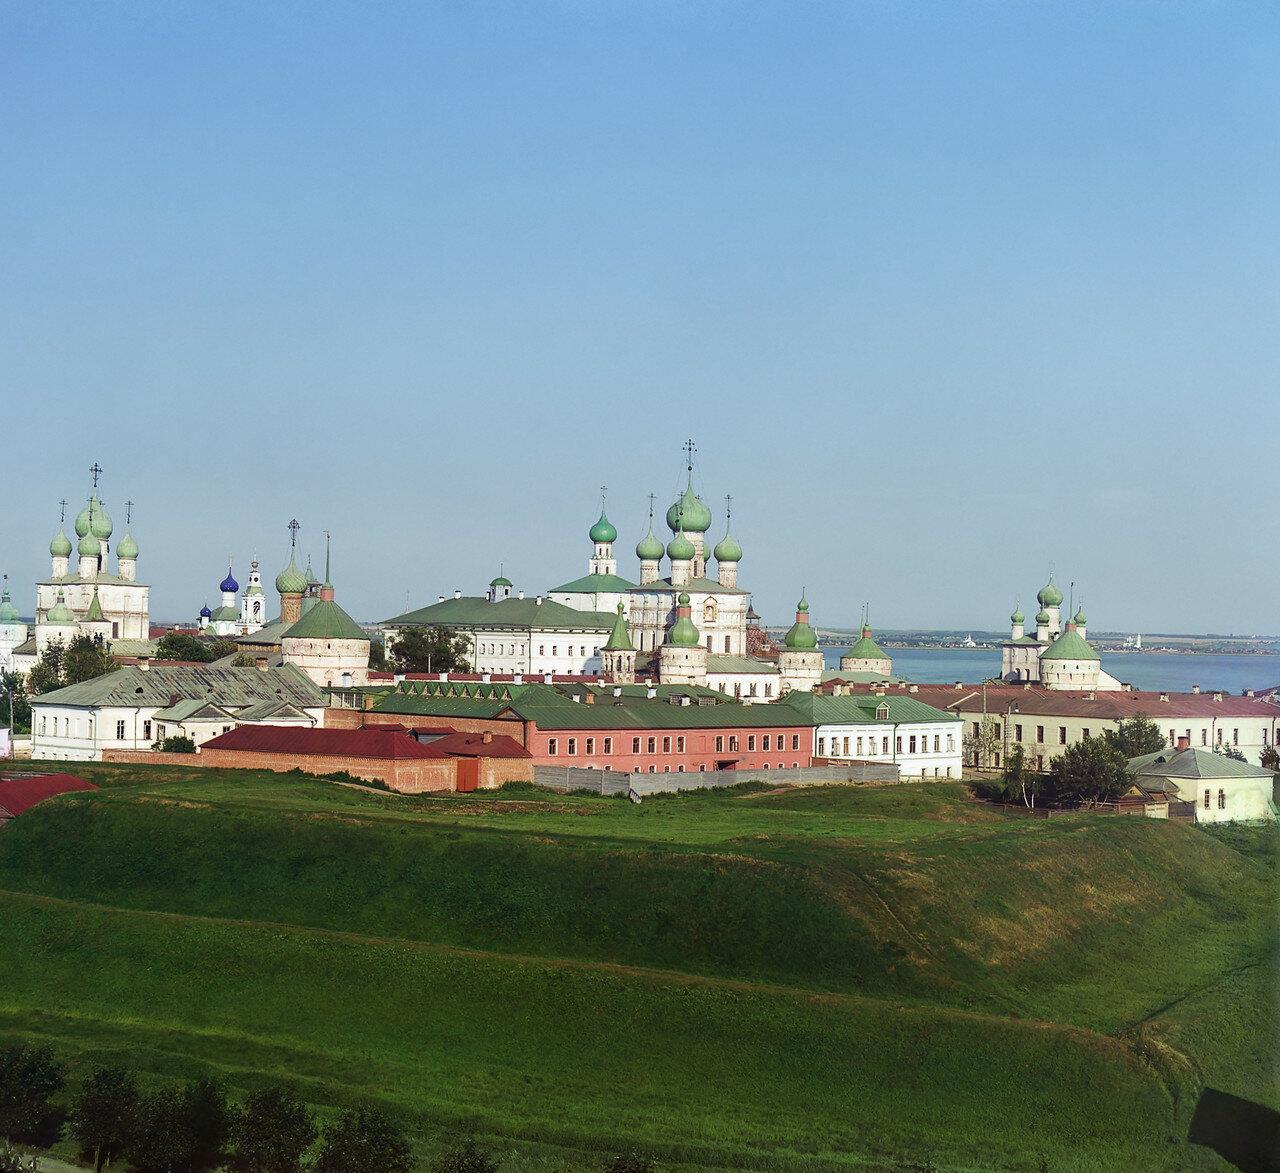 Общий вид Кремля с колокольни Всесвятской церкви. Вид с северо-запада